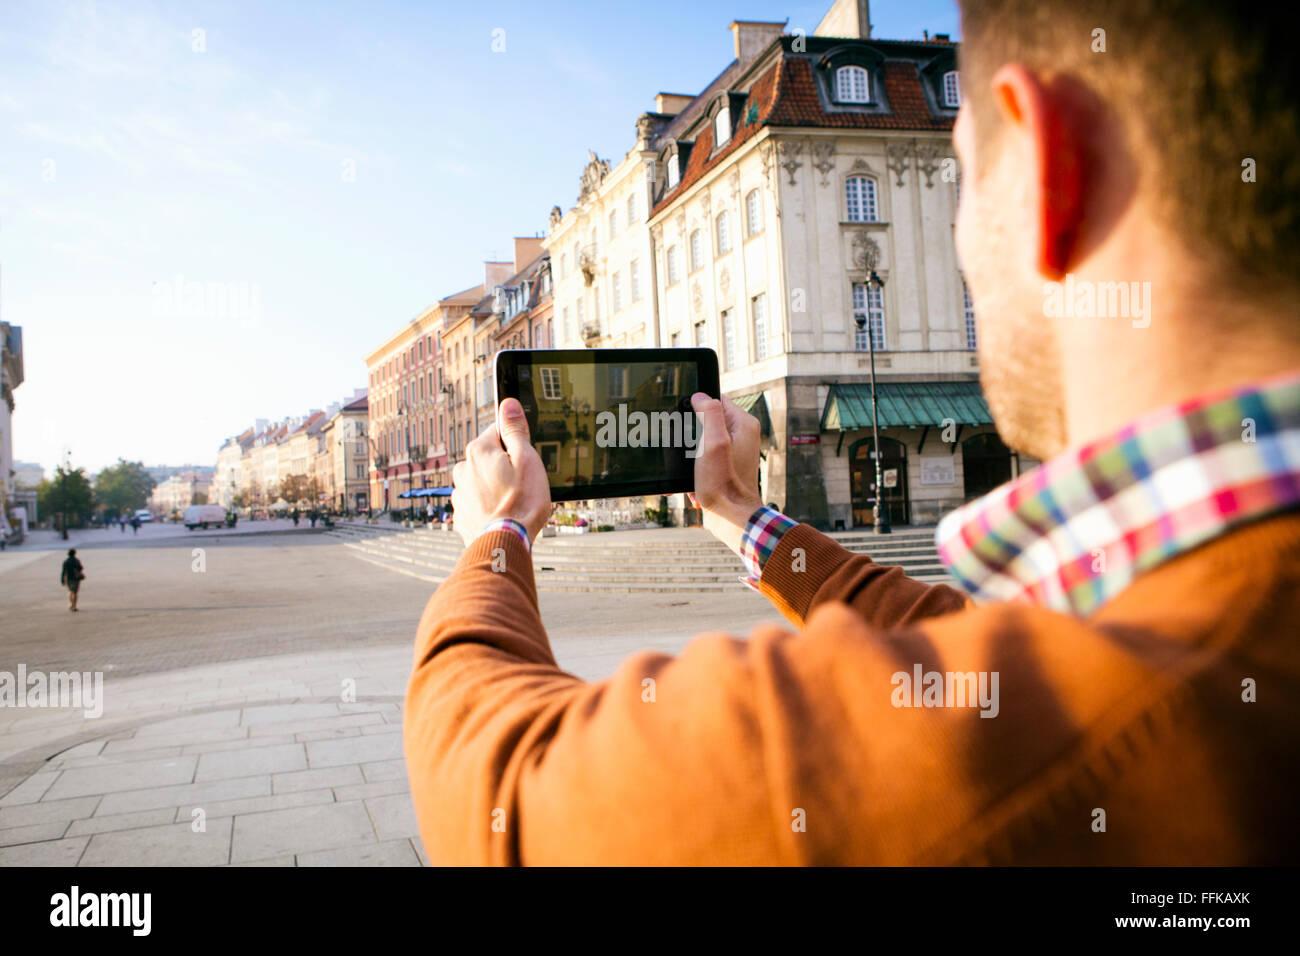 Uomo su una pausa in città di scattare una foto con smart phone Foto Stock